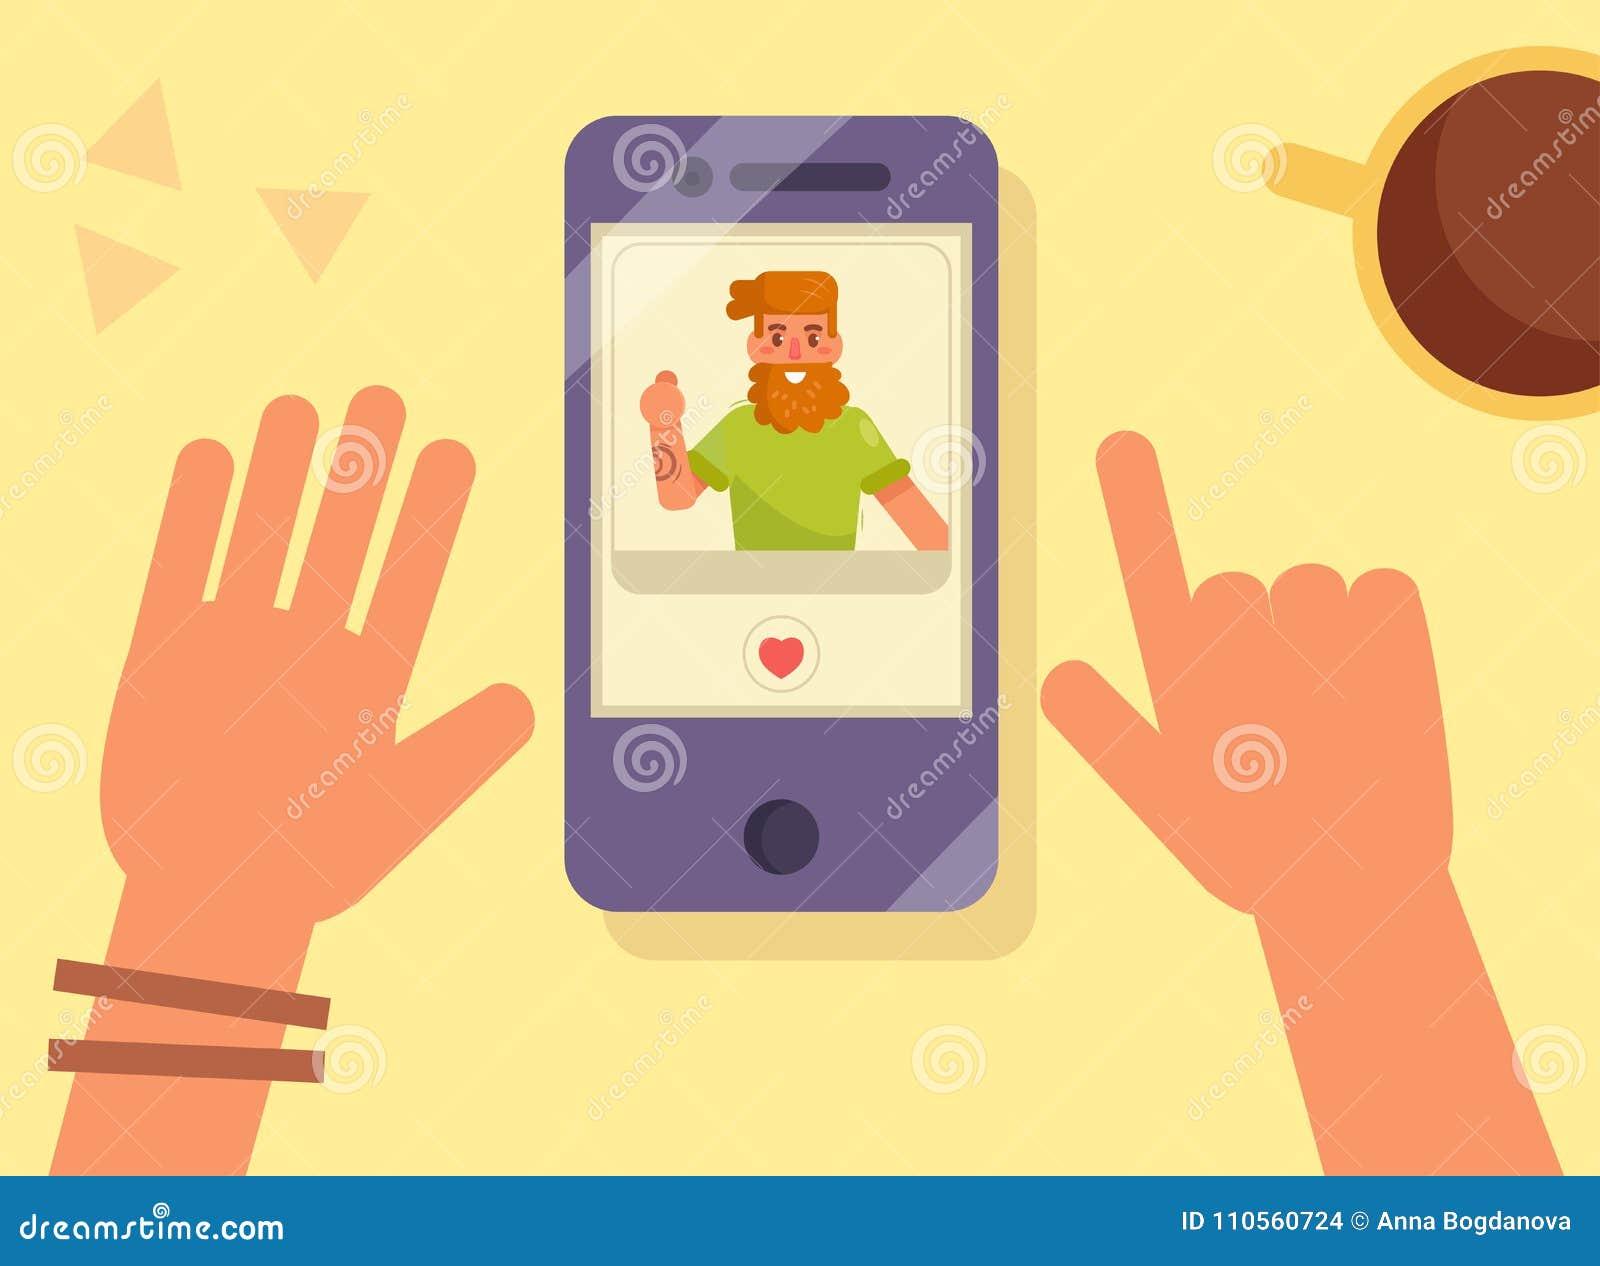 online dating free manchester upravo počeo upoznavati čovjeka s ajenom